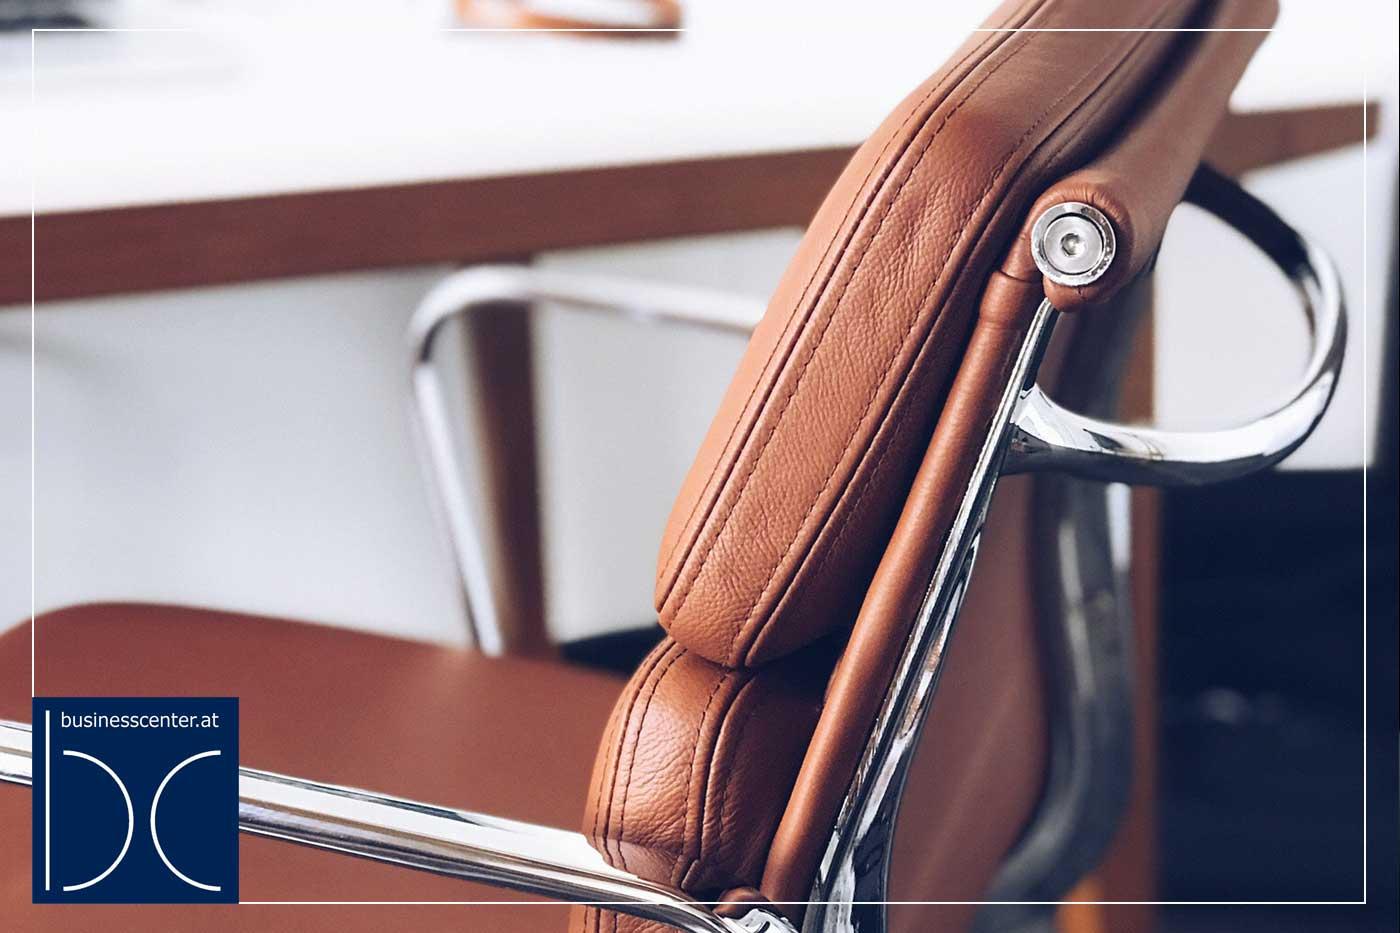 Haltung im Büro verbessern – 5 Tipps für einen gesünderen Rücken